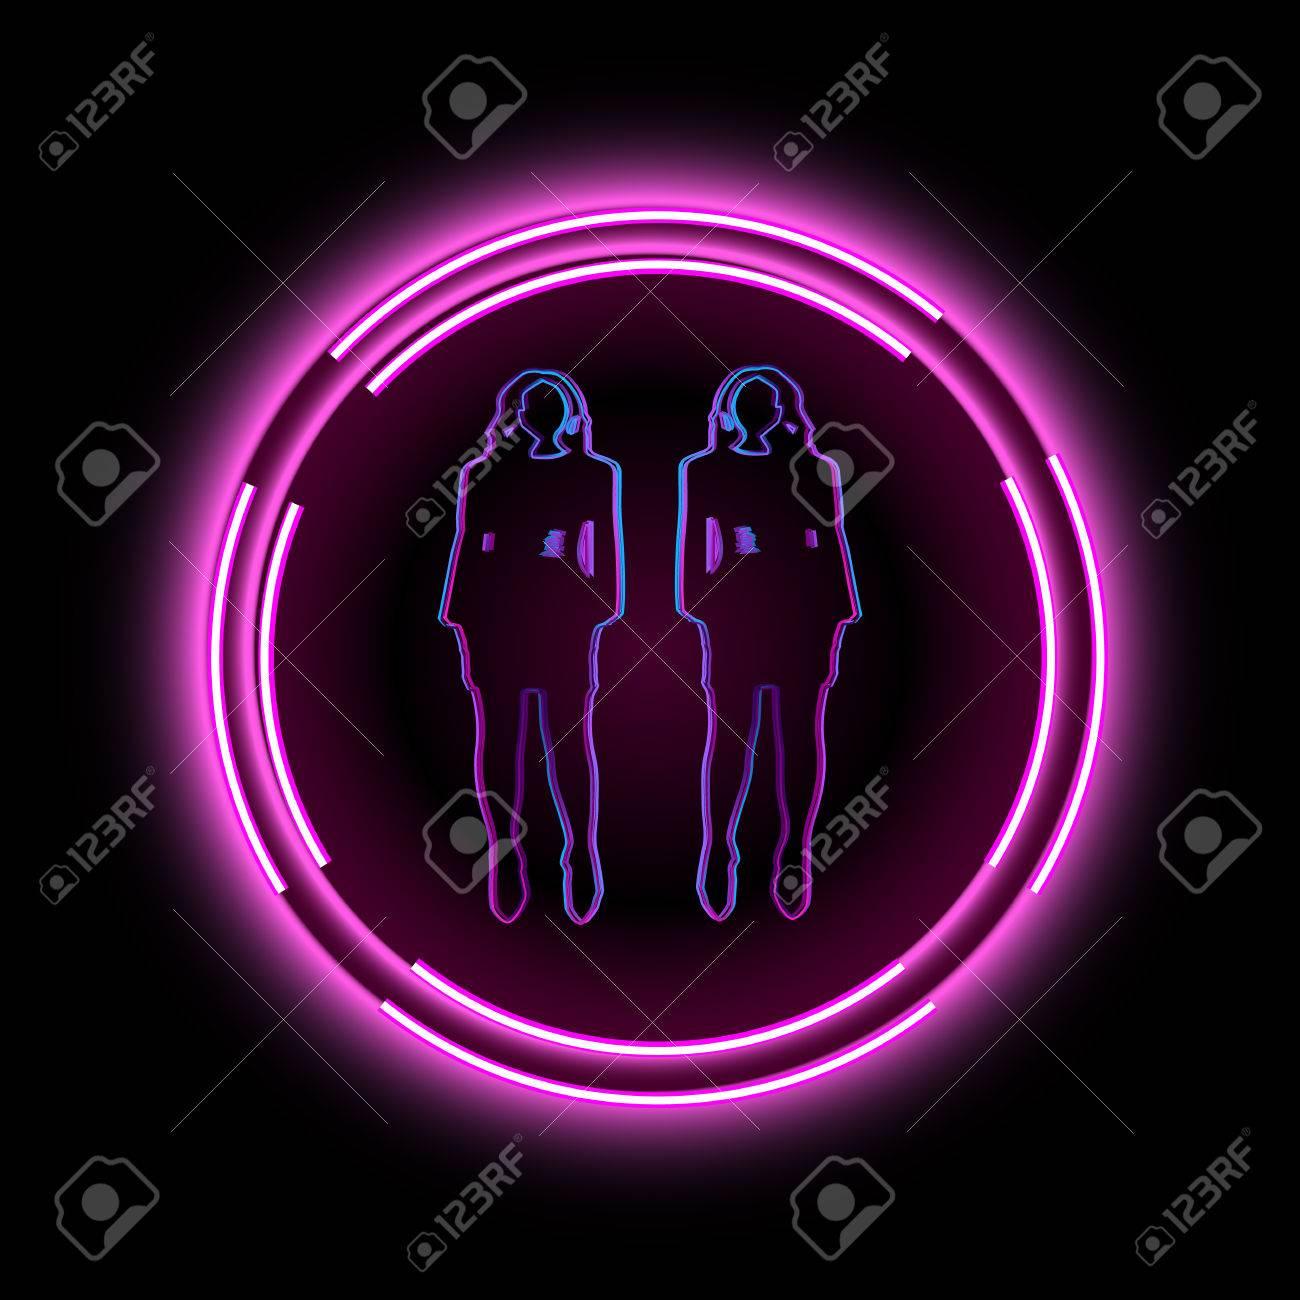 Neon-Rahmen Mit Einer Silhouette Von Frauen. Kann Für Die Bar, Disco ...